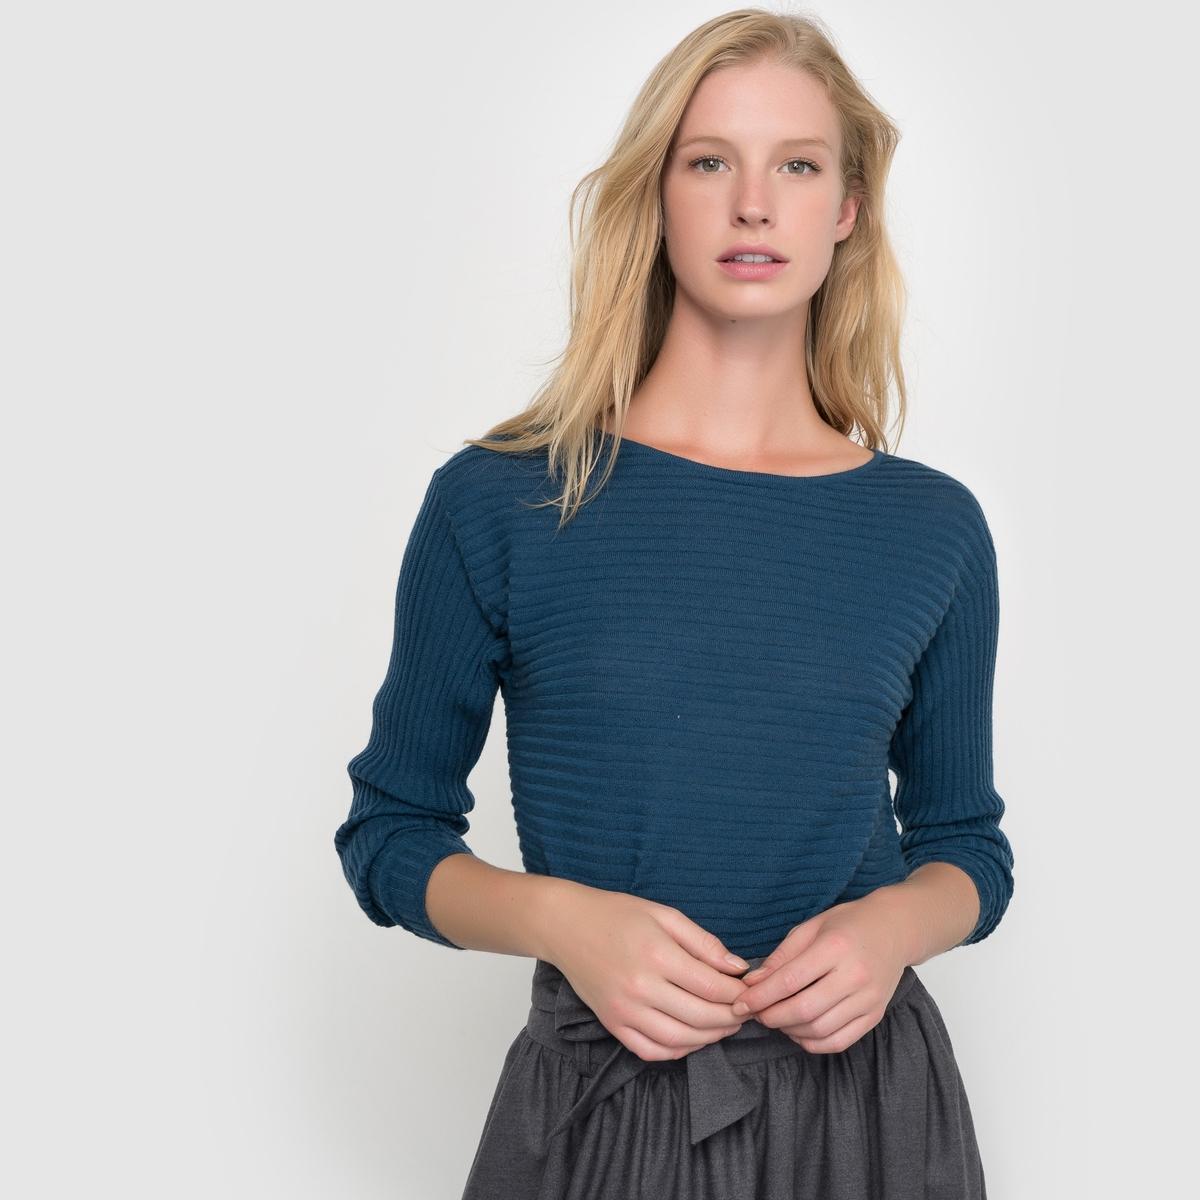 Пуловер в рубчик, 100% шерсть мериноса